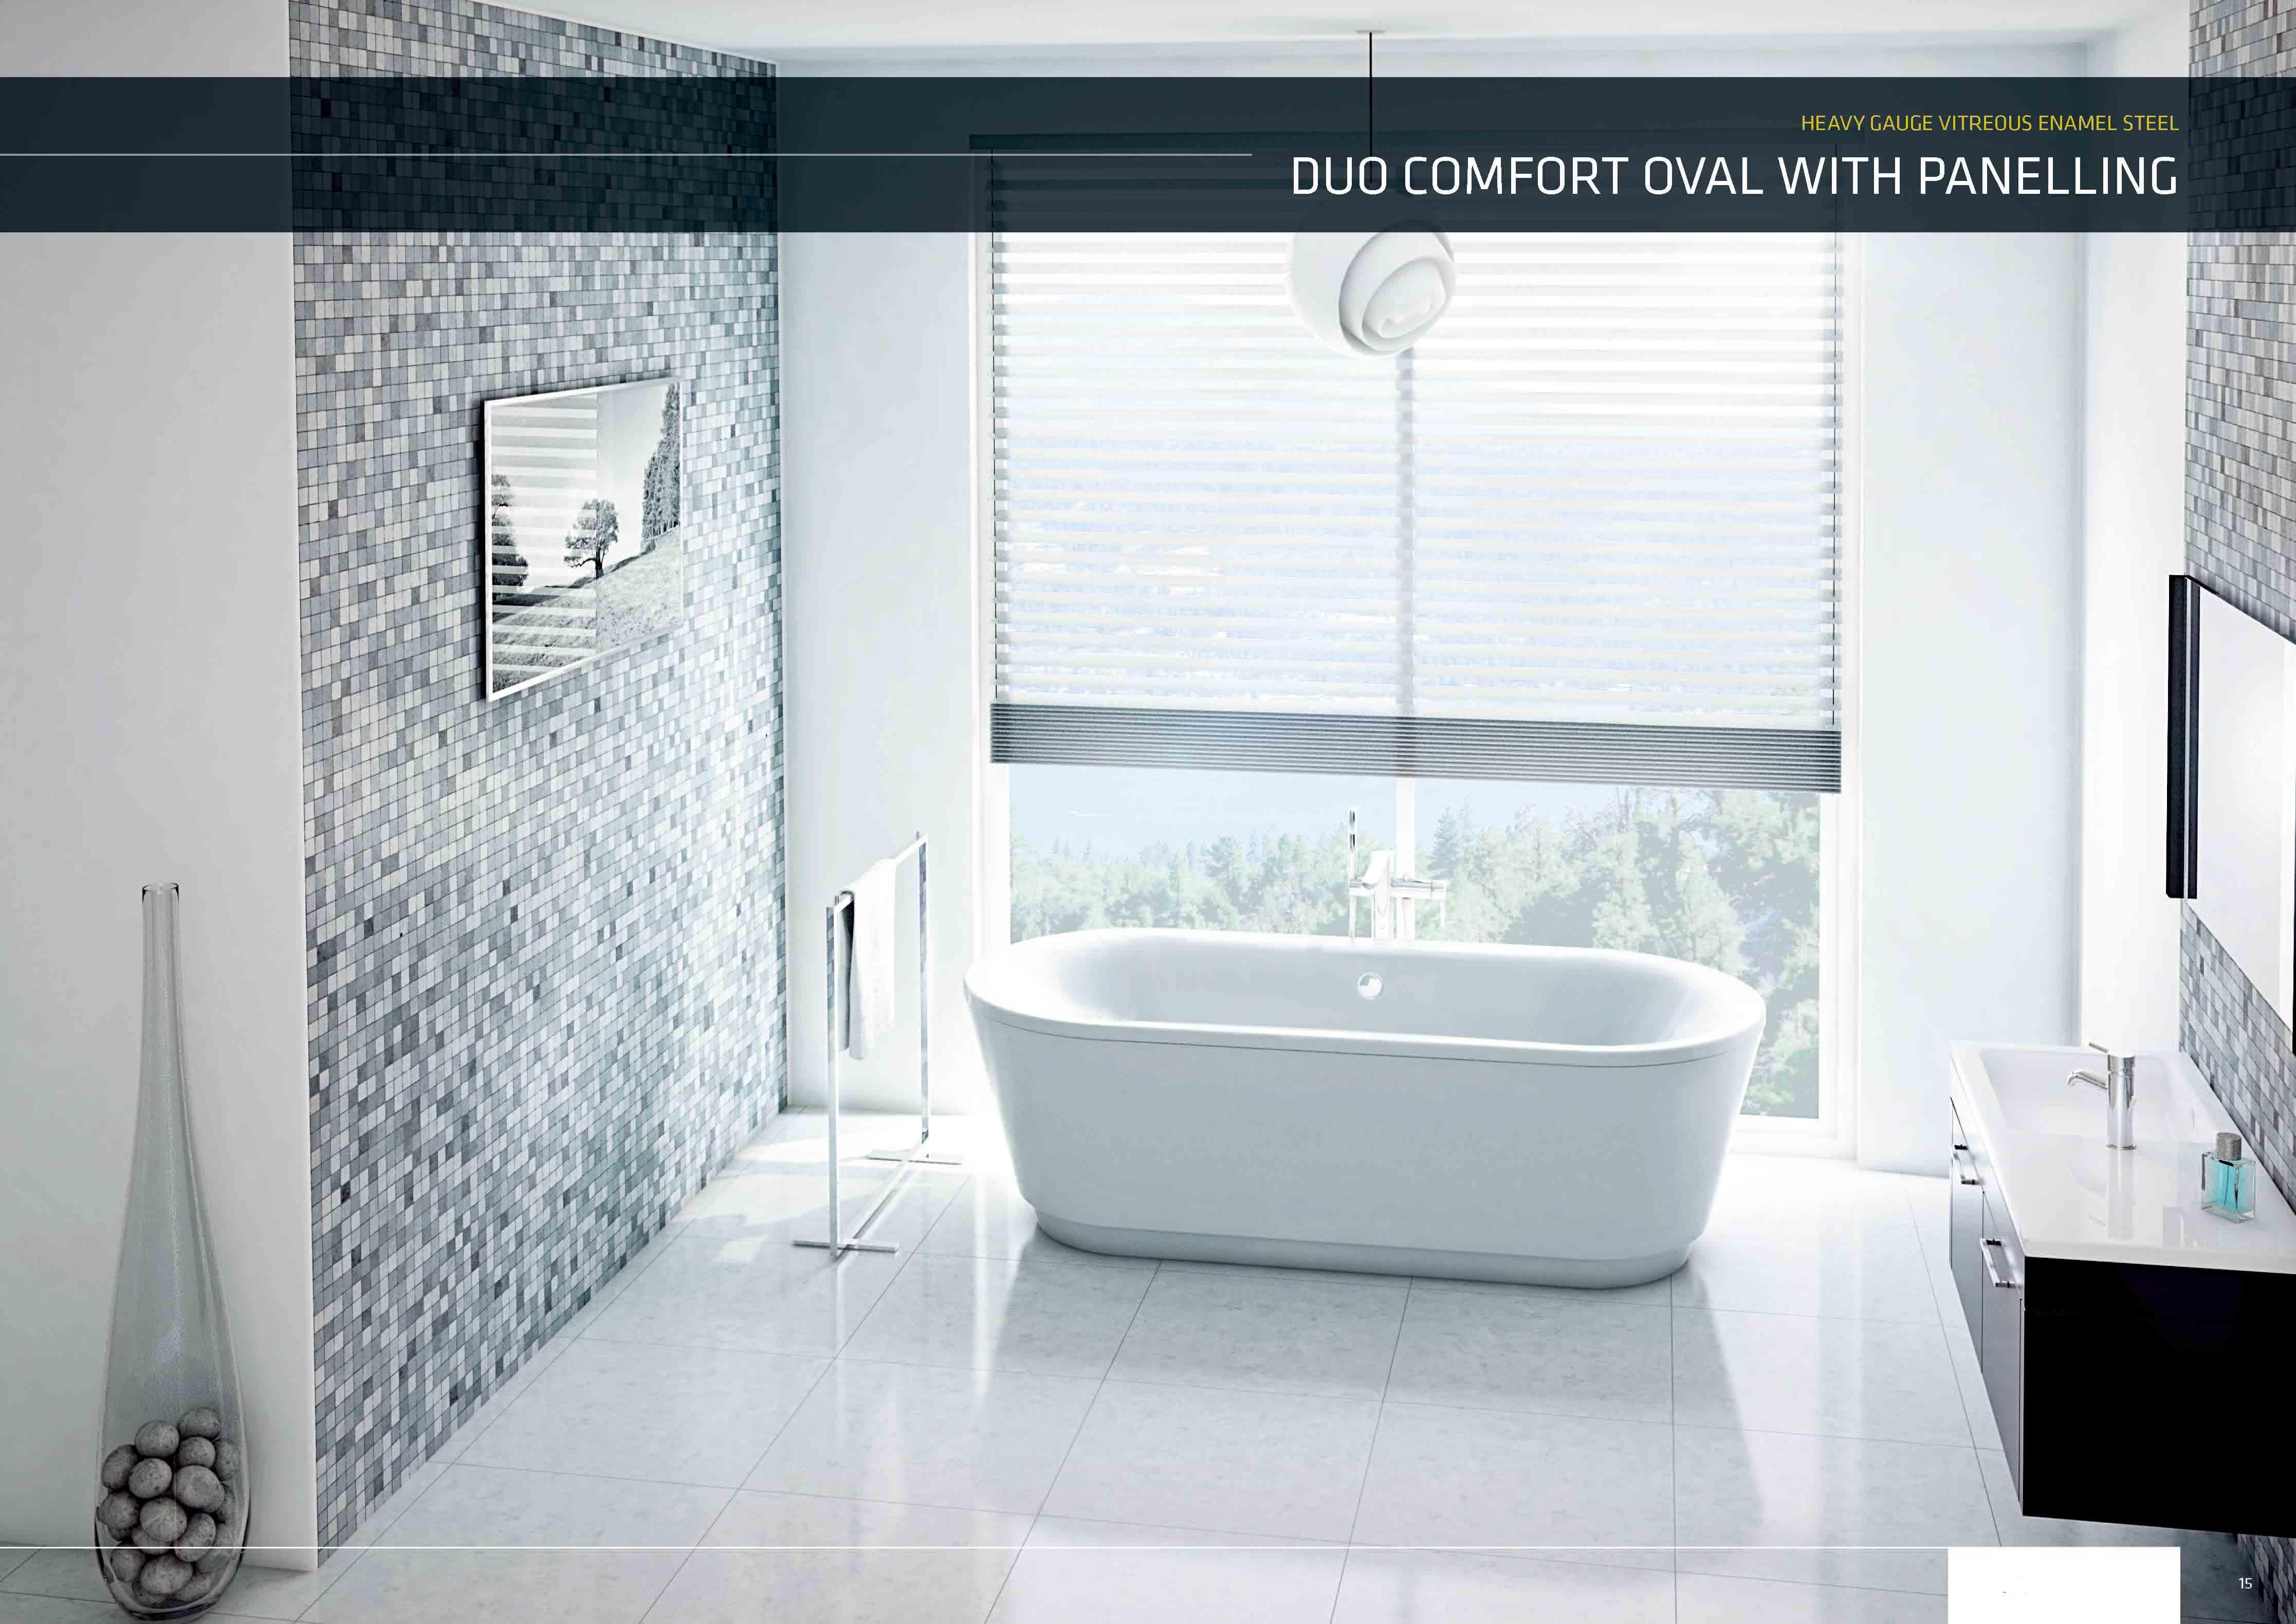 琺瑯鋼板浴缸 Blb 獨立浴缸